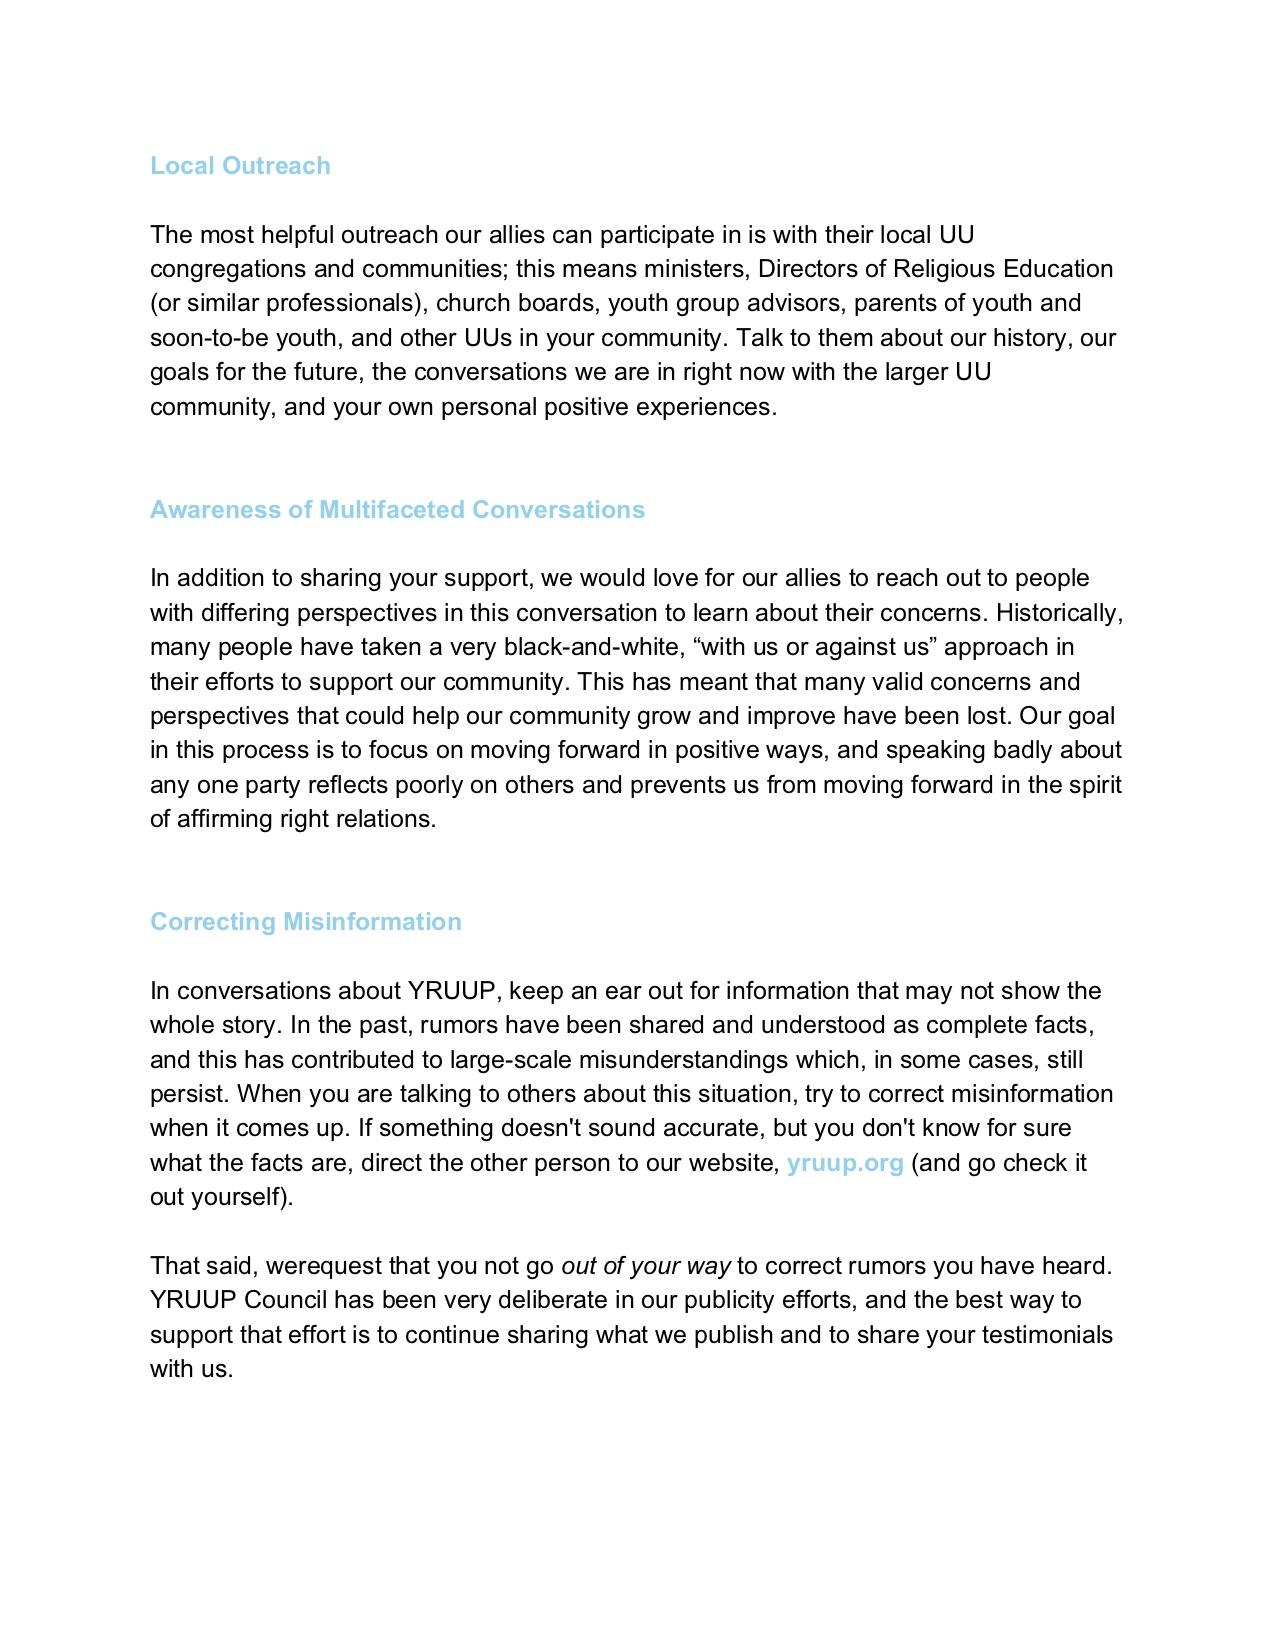 Ally Update Letter (p2).jpg